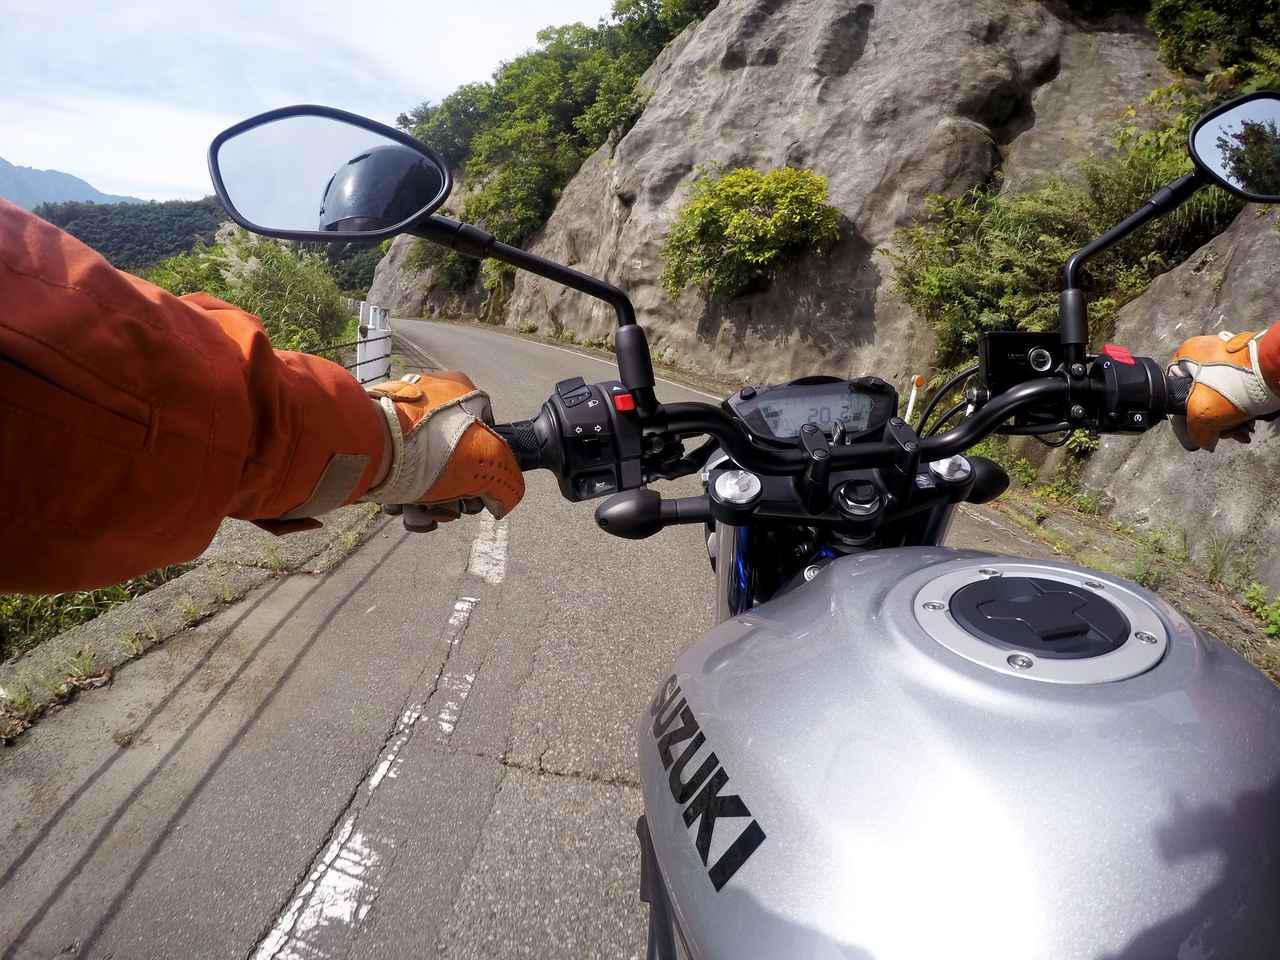 画像2: 「酷道」と呼ばれる危険すぎる道『国道352号線 樹海ライン』をゆく【スズキSV650 酷道ツーリング紀行・前編】